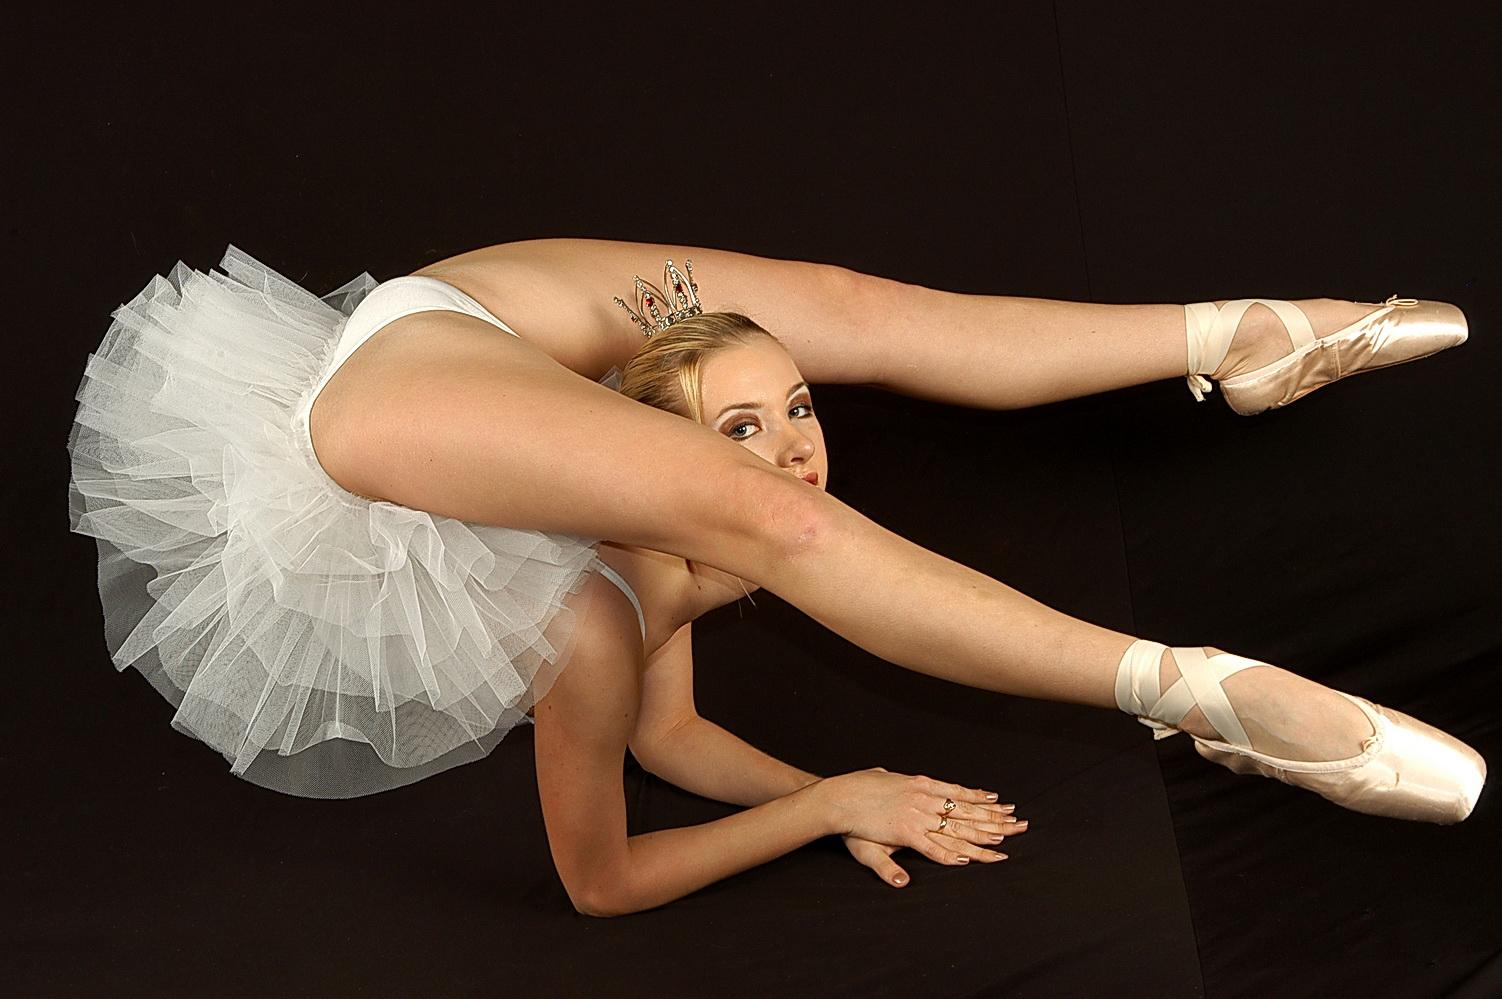 Sexy ballerina images, stock photos vectors